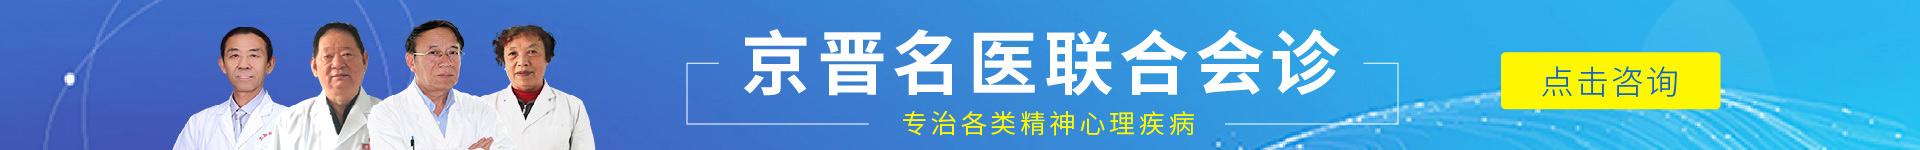 太原精神科医院